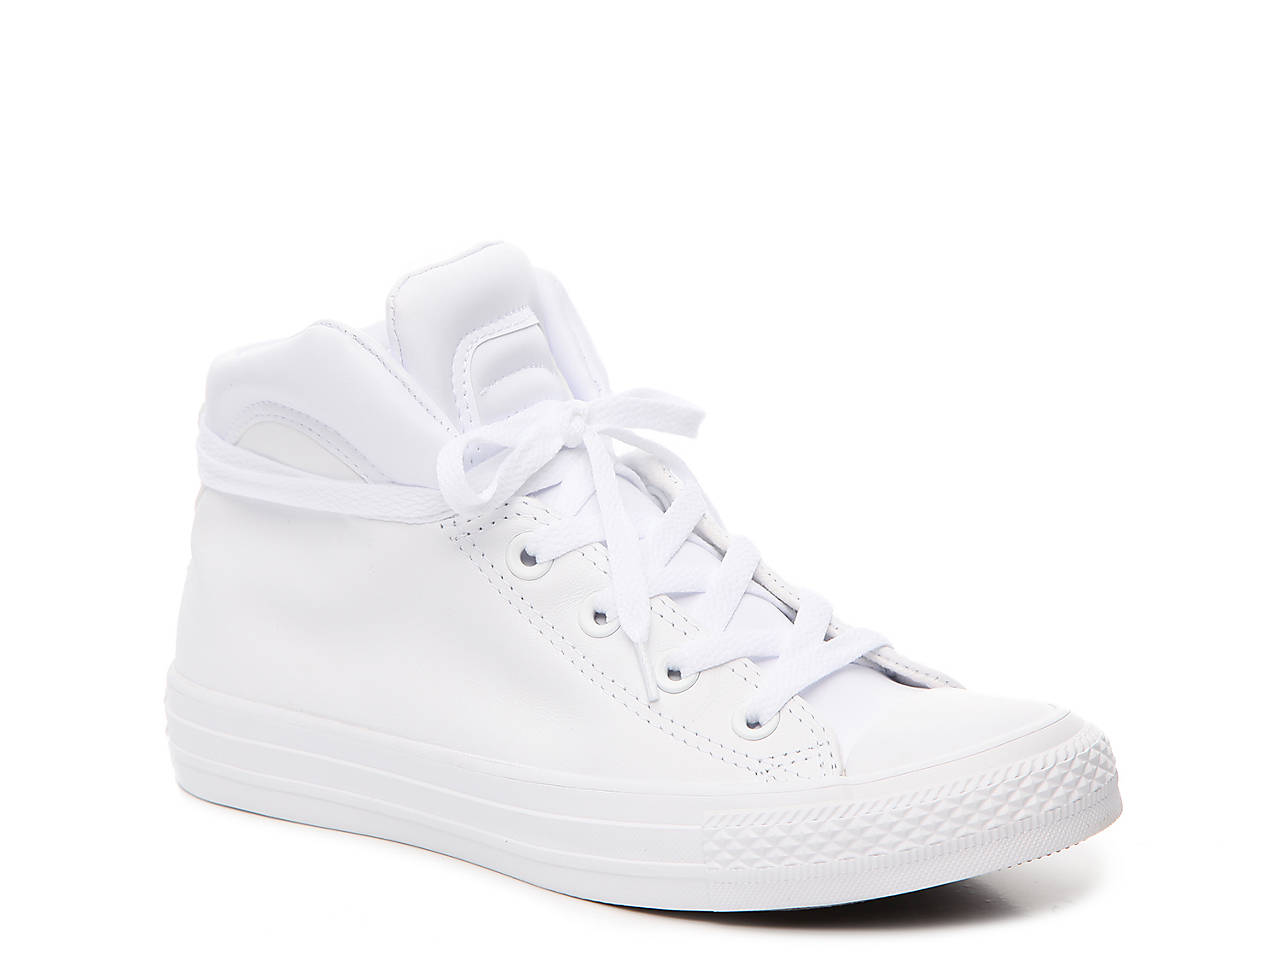 bdffbc896b75 Converse Chuck Taylor All Star Brookline High-Top Sneaker - Women s ...